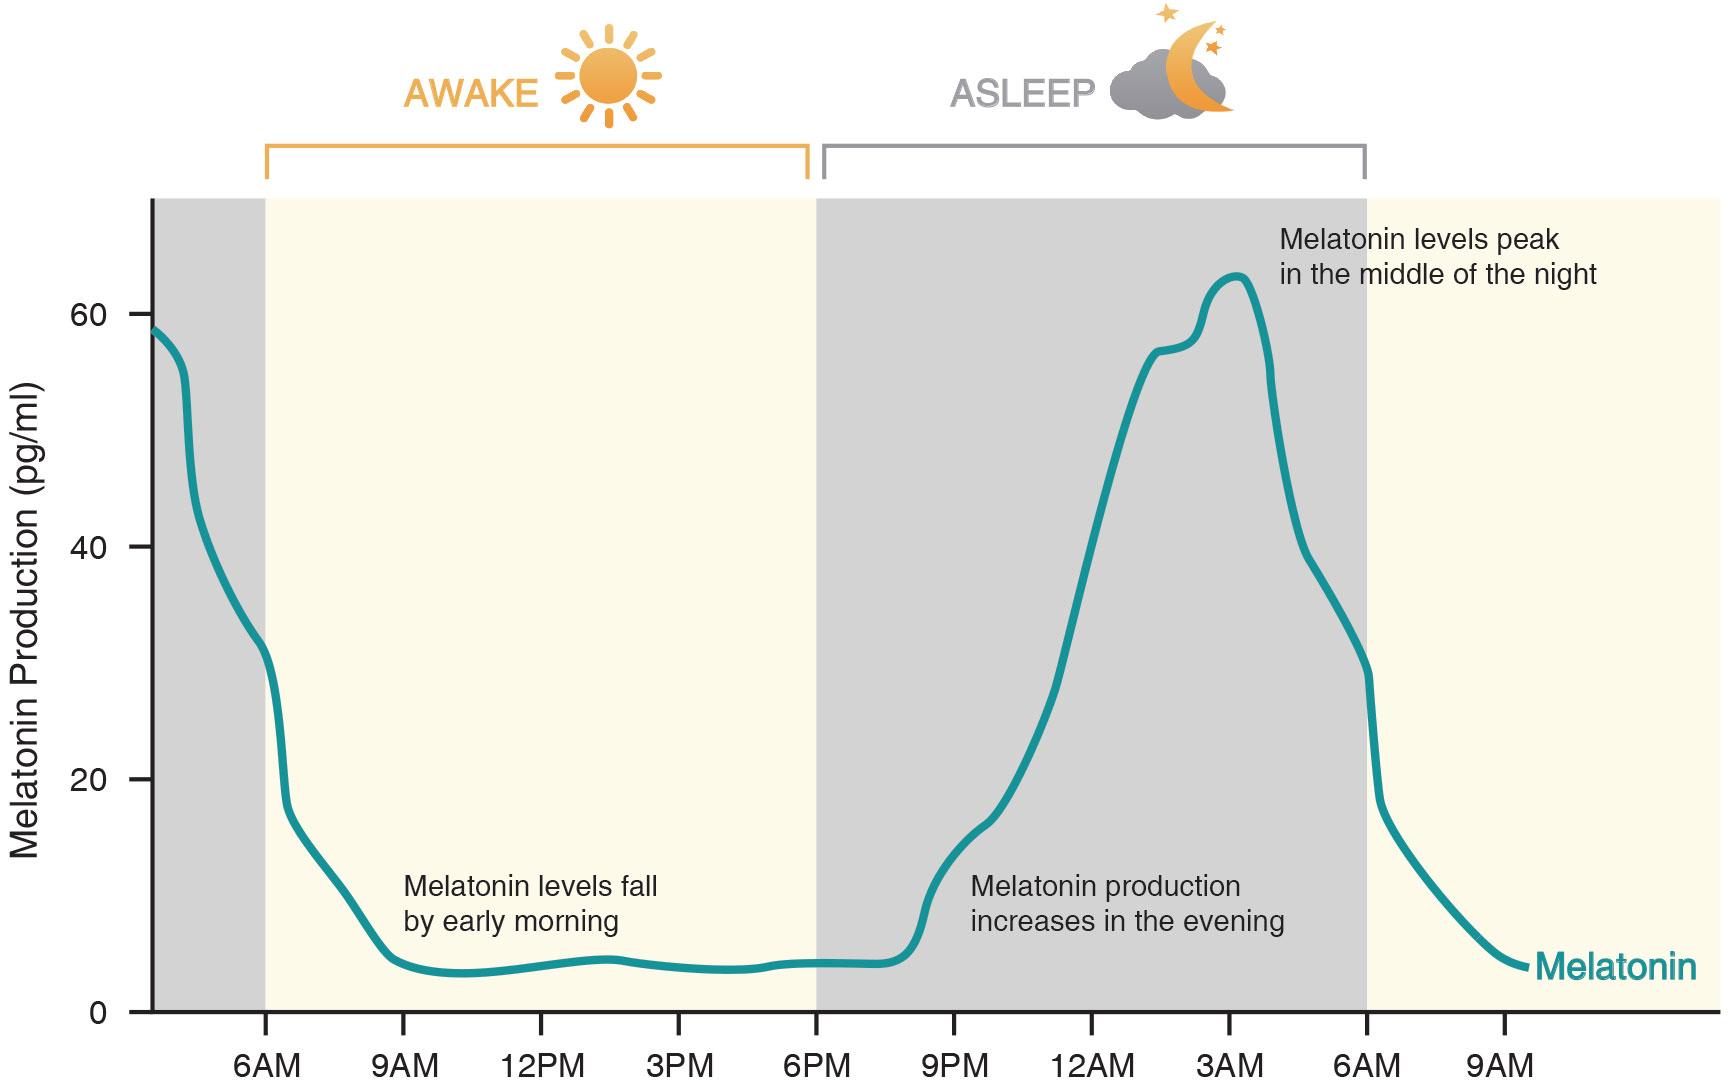 낮과 밤의 멜라토닌 분비량의 변화 그래프.jpg